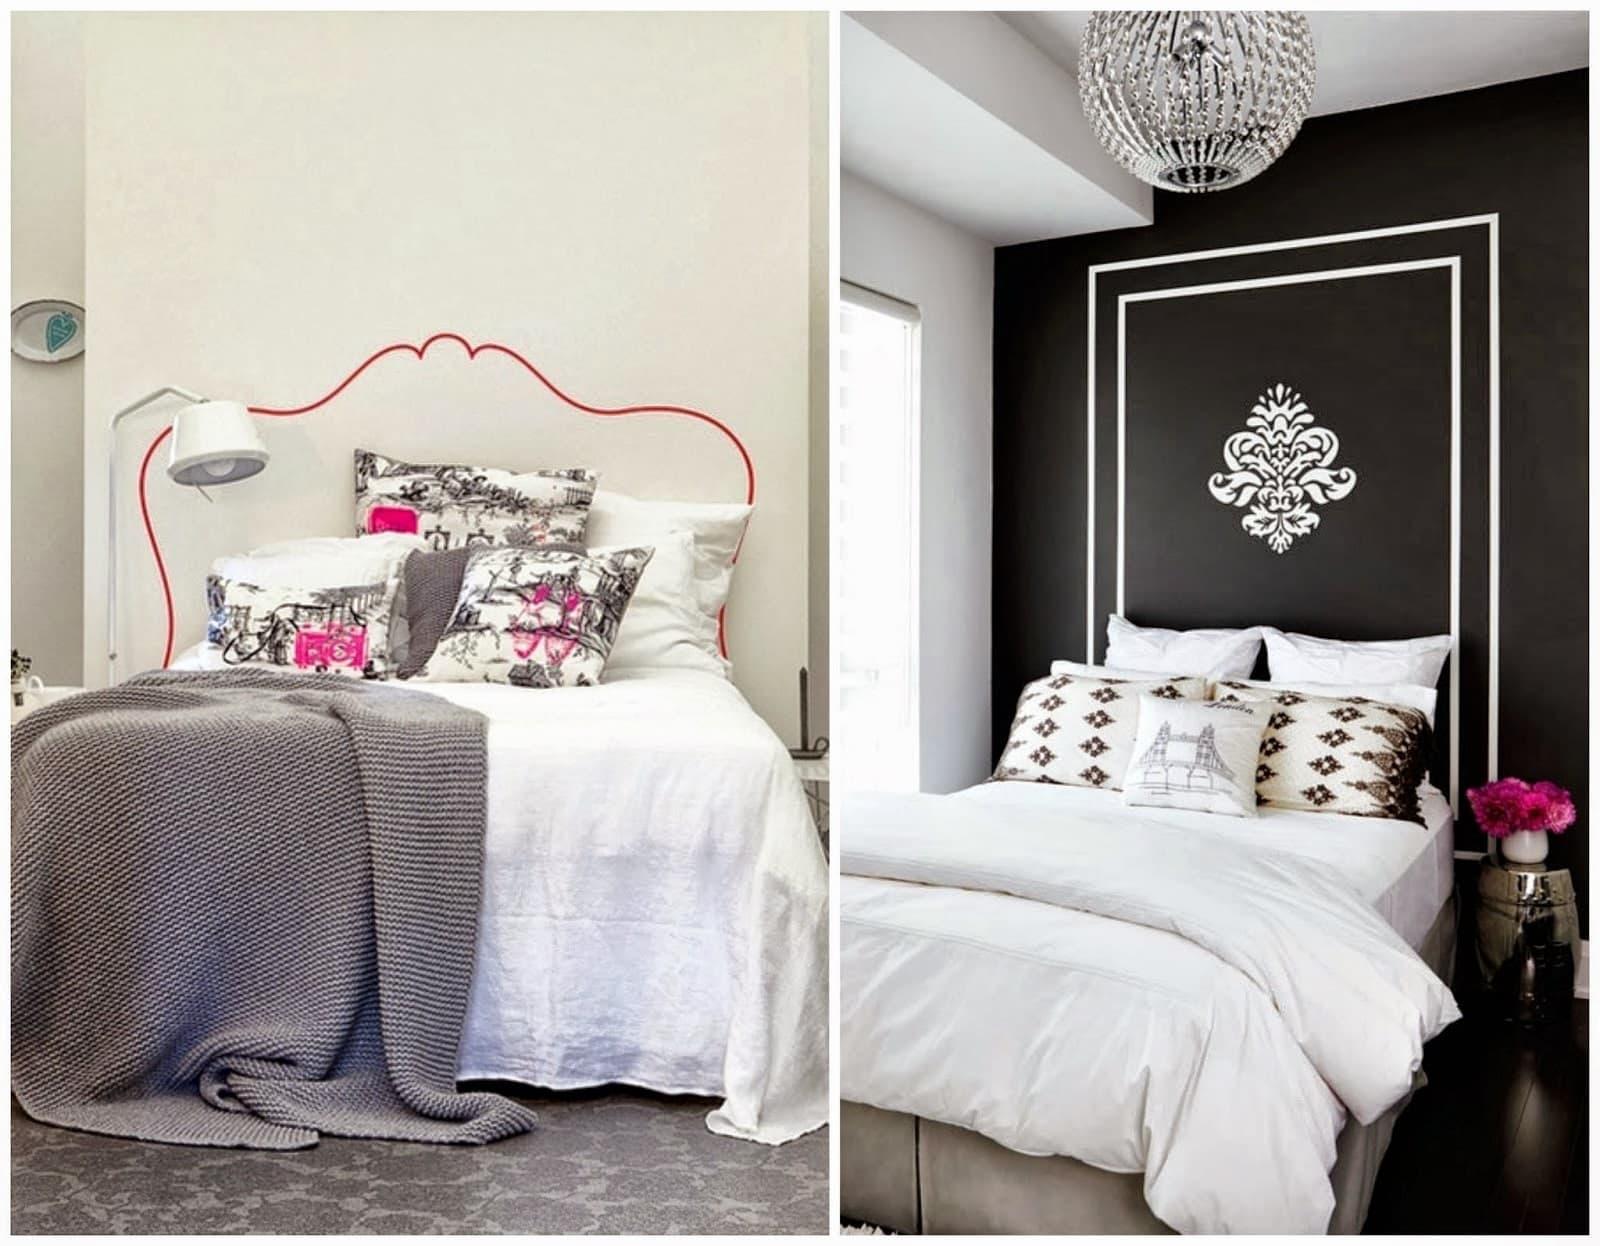 Cabeceros originales y baratos para dormitorios infantiles for Cabeceros de cama originales